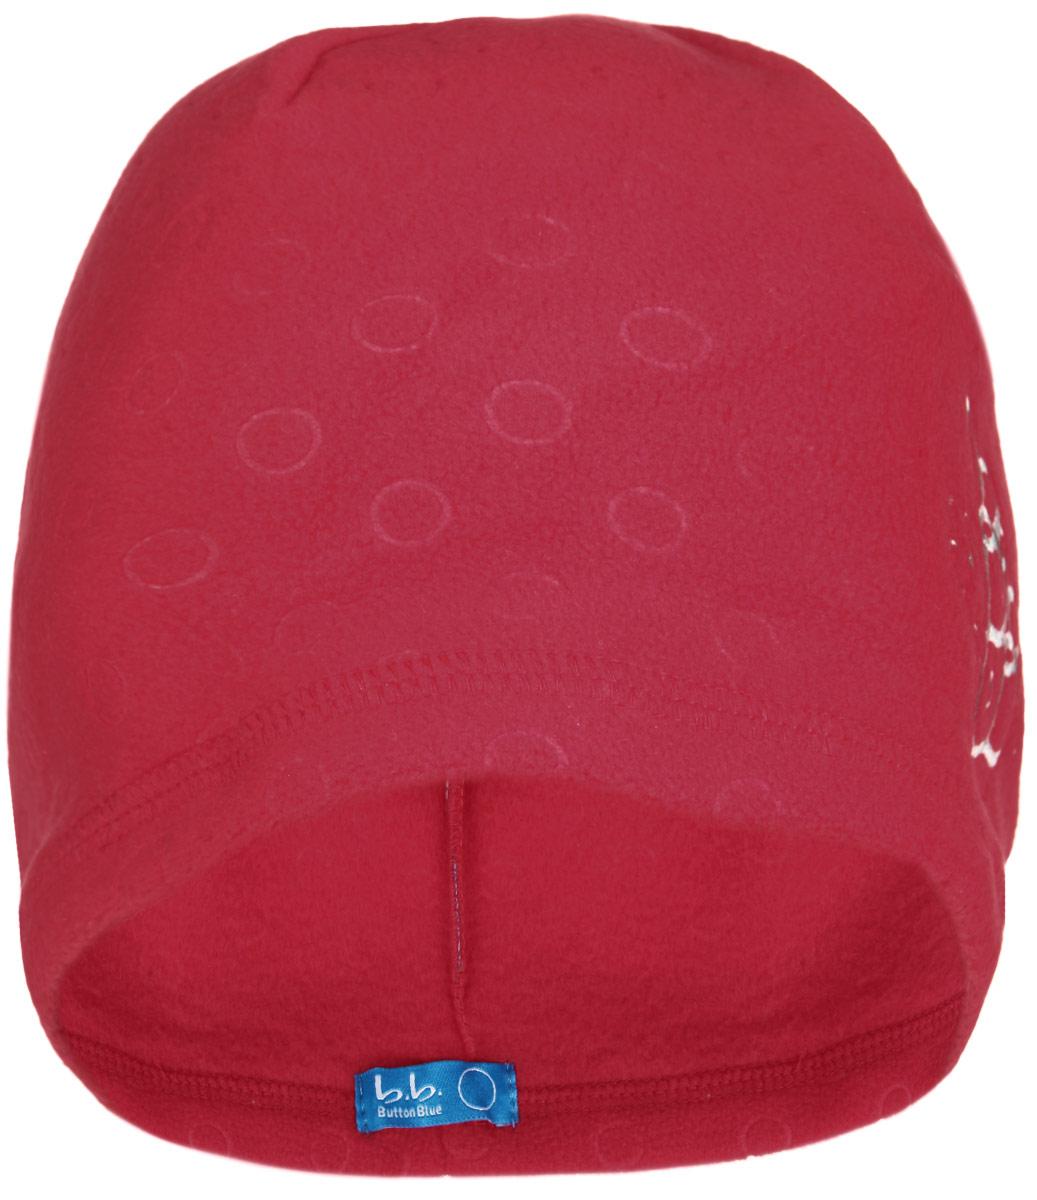 Шапка детская116BBGB7308Стильная теплая шапка для девочки Button Blue идеально подойдет для прогулок и активных игр в холодное время года. Шапка выполнена из флиса, она невероятно мягкая и приятная на ощупь, великолепно тянется и удобно сидит. Такая шапочка отлично дополнит любой наряд. Шапка украшена вышивкой в виде стилизованных букв BB. Удобная шапка станет модным и стильным дополнением гардероба вашей маленькой принцессы, надежно защитит ее от холода и ветра, и поднимет ей настроение даже в пасмурные дни! Уважаемые клиенты! Размер, доступный для заказа, является обхватом головы.